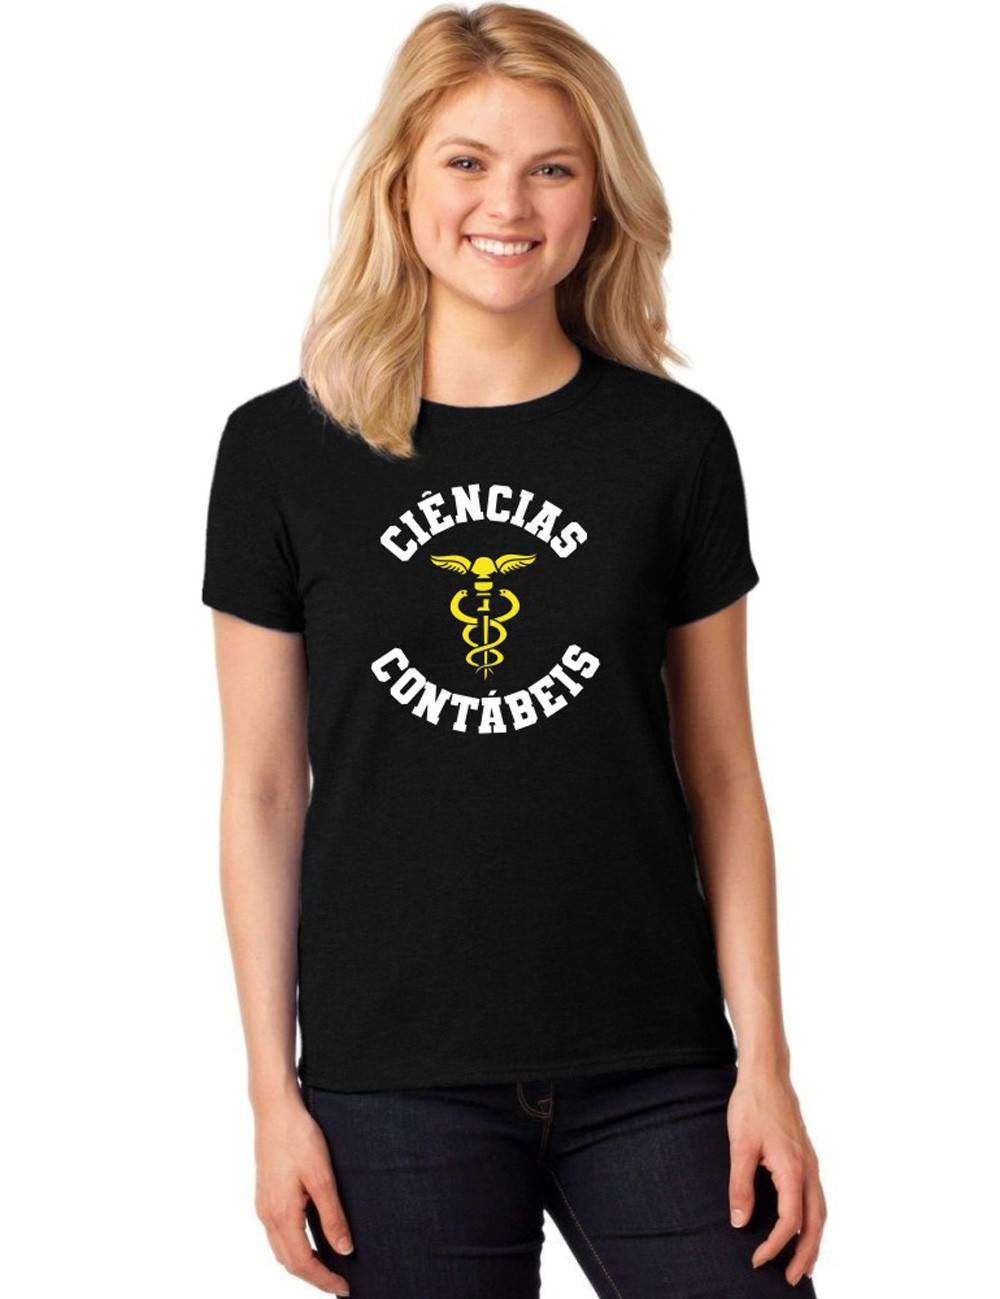 Camiseta Feminina T-Shirt Universitária Faculdade Ciências Contábeis